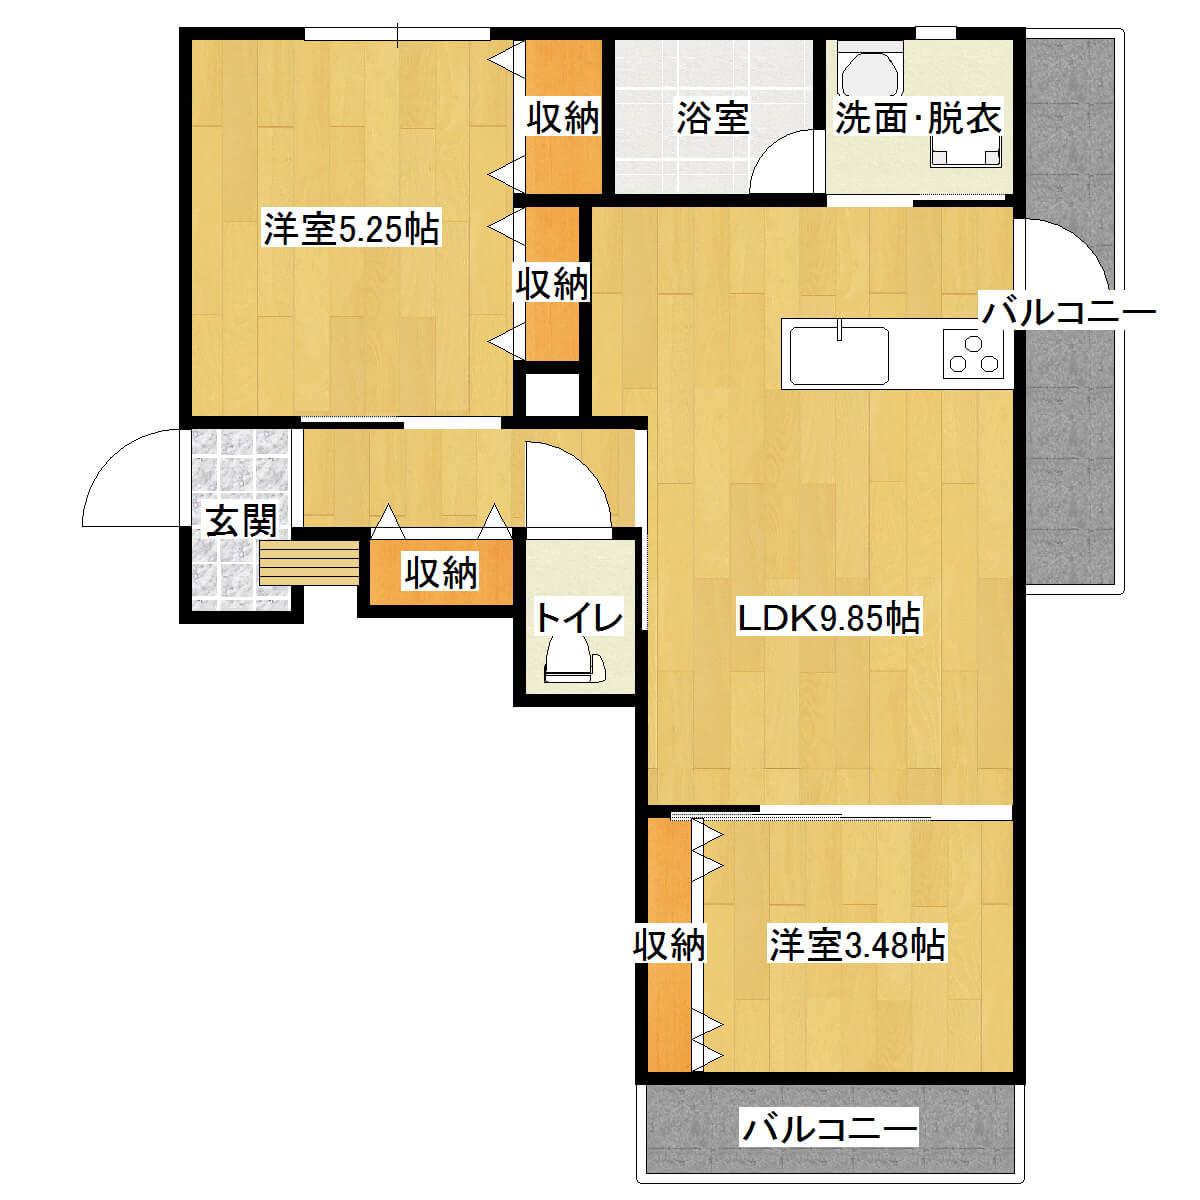 メゾン常盤 303号室の間取り図